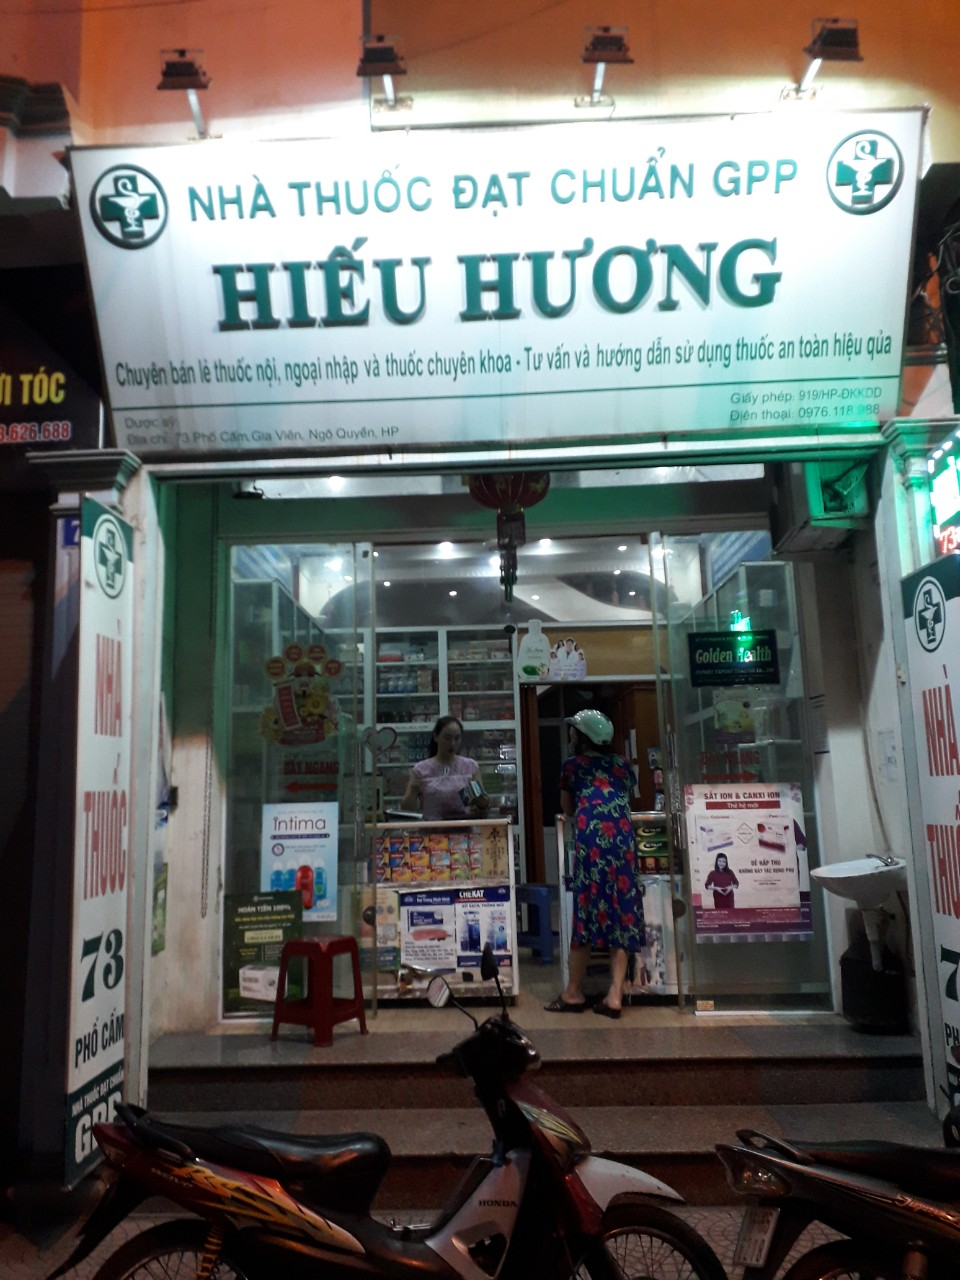 NT Hiếu Hương